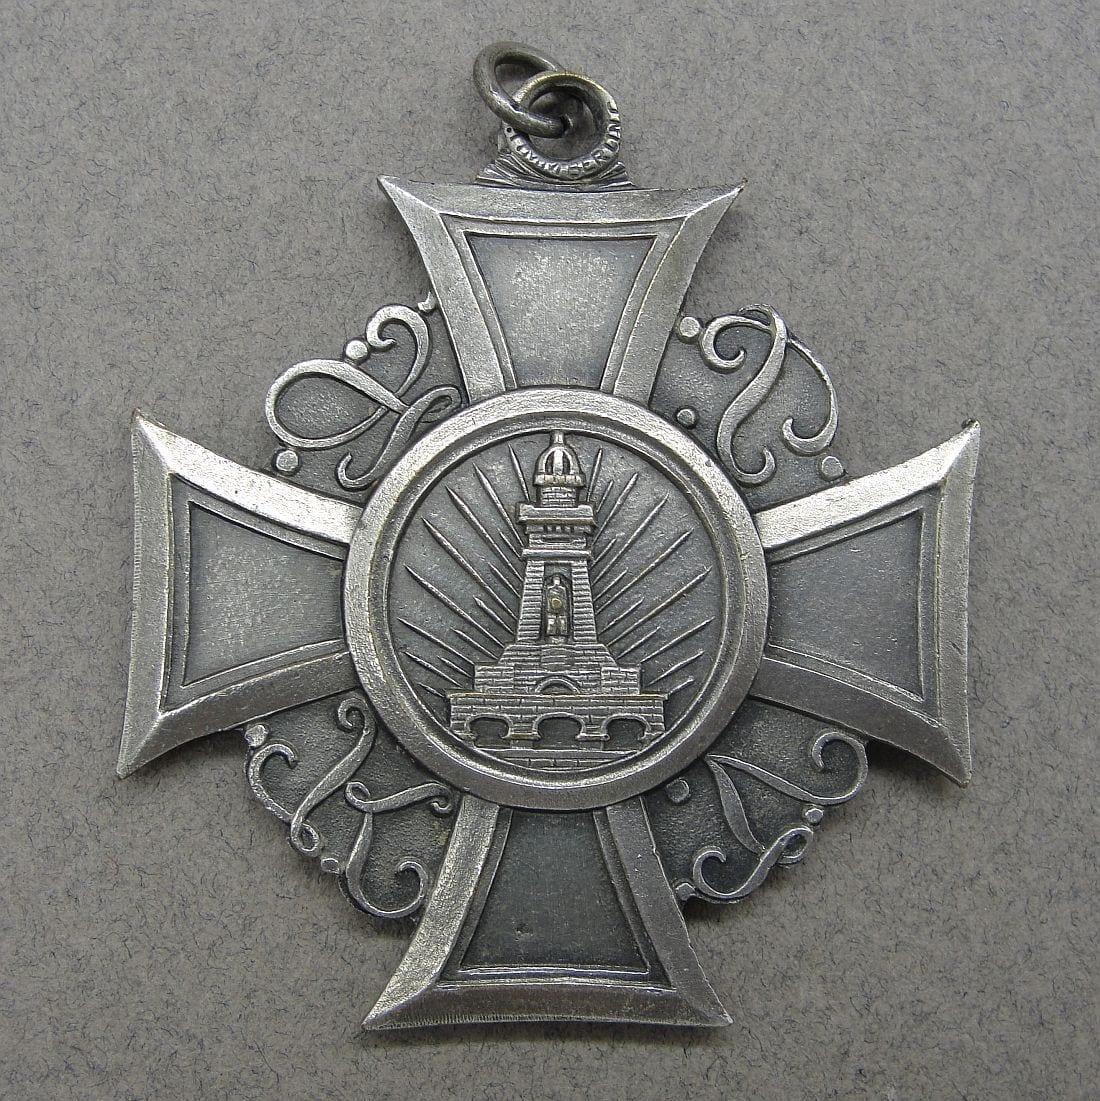 Kyffhäuserbund Honor Cross Second Class